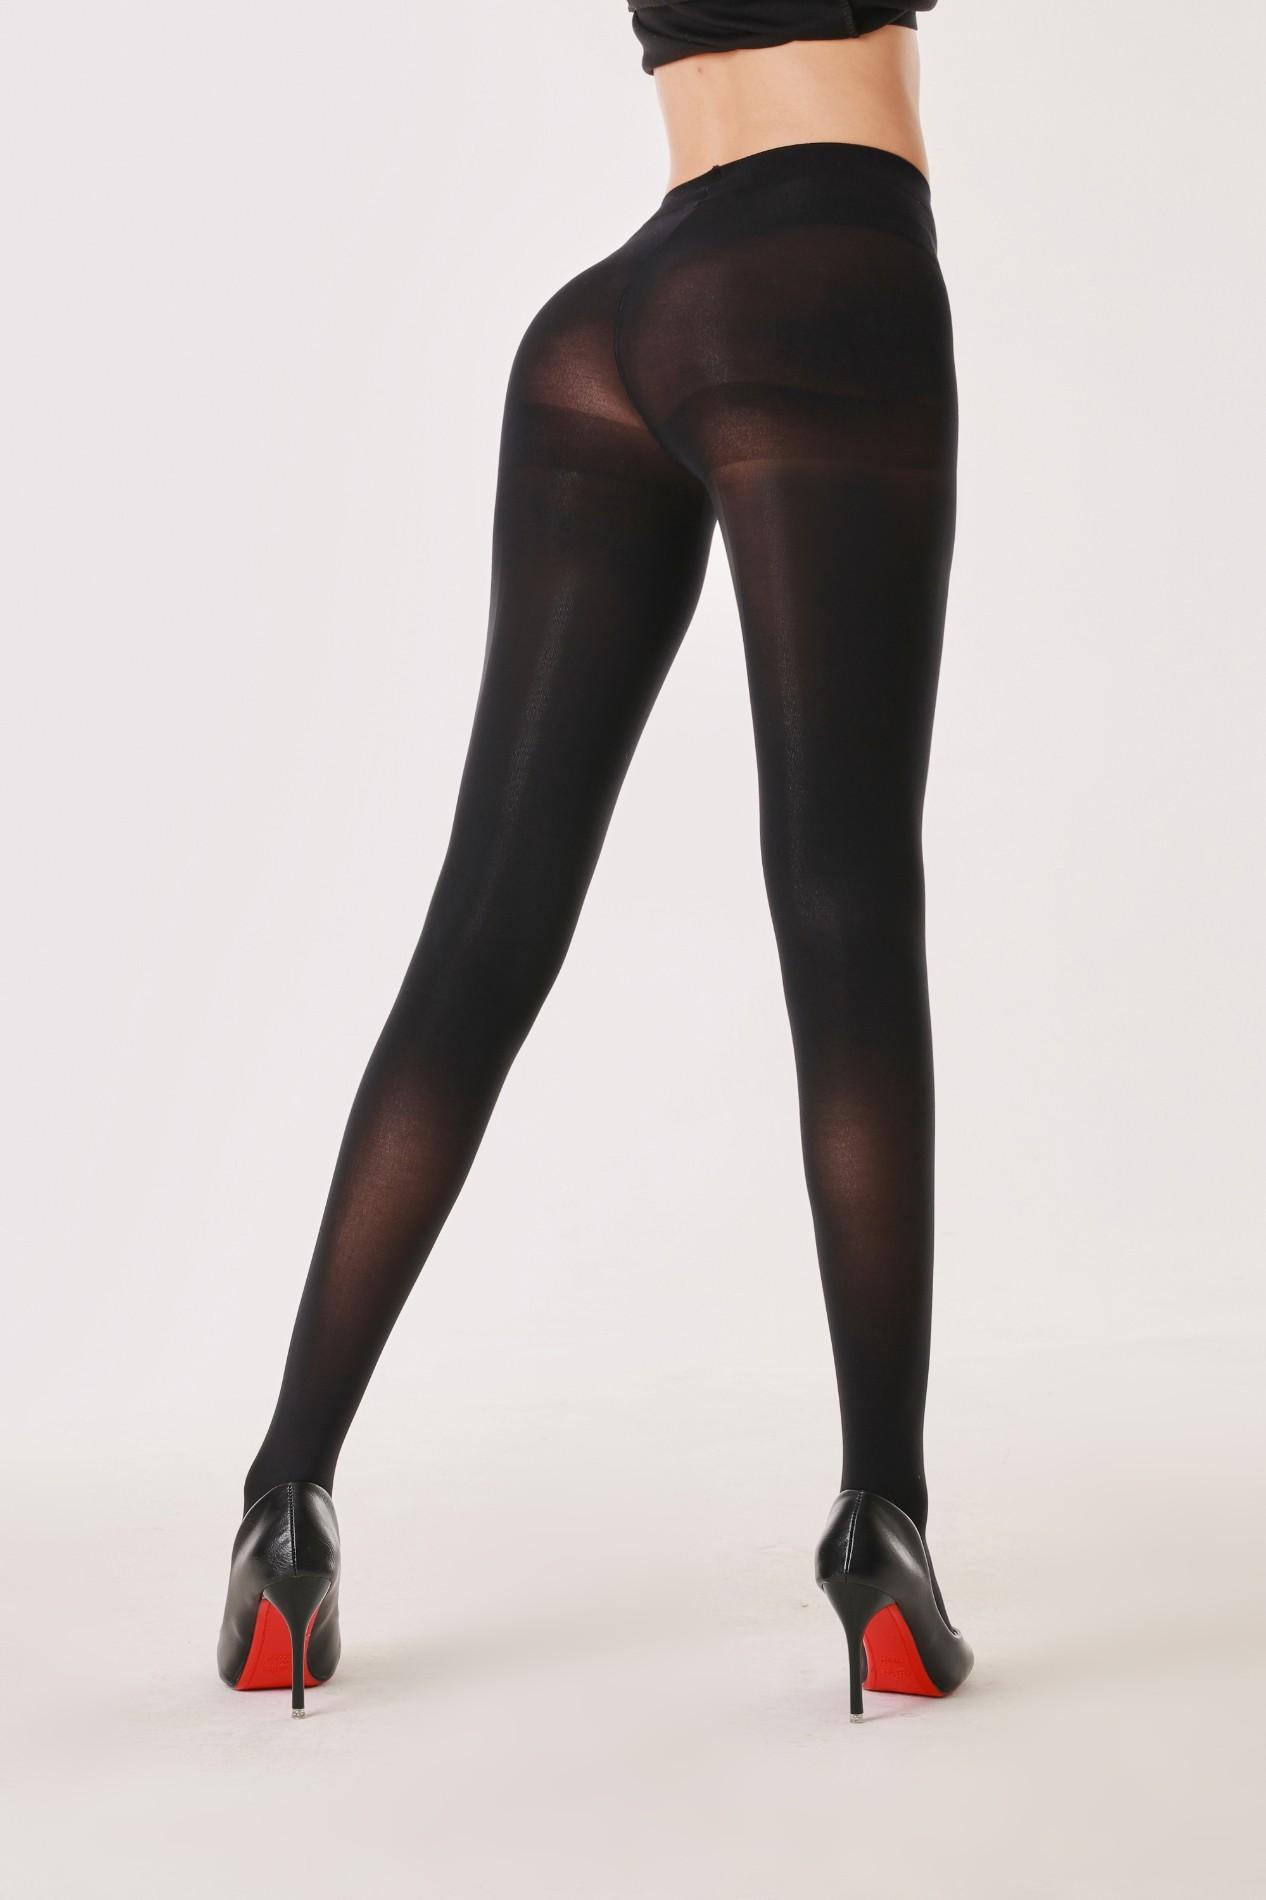 Hulgimüügis kõrge vöökohaga puusad kõht pluss naiste sukkpüksid